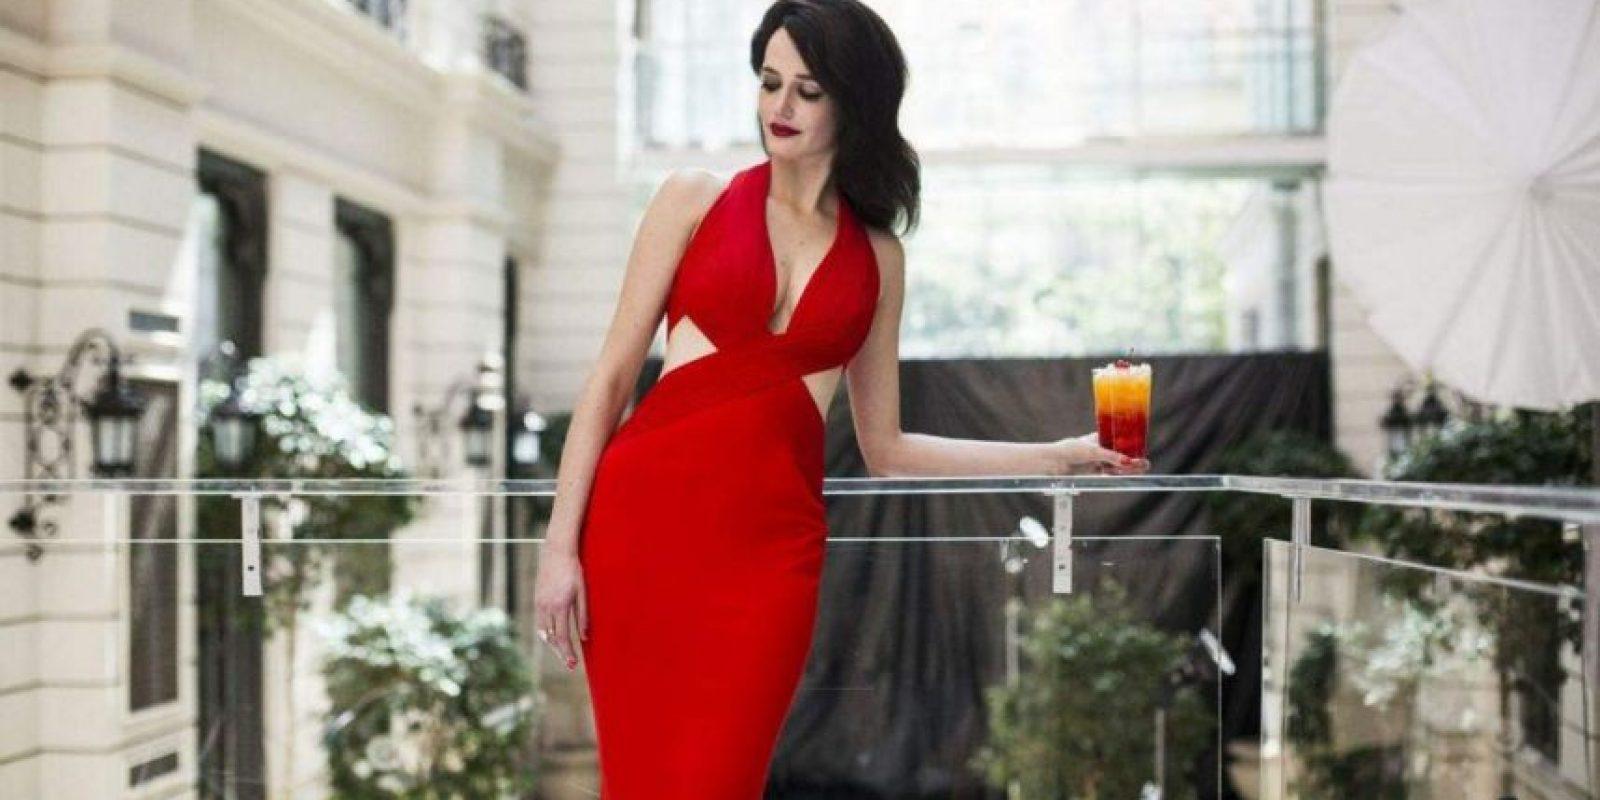 Eva Green es considerada una de las actrices más sensuales Foto:Campari